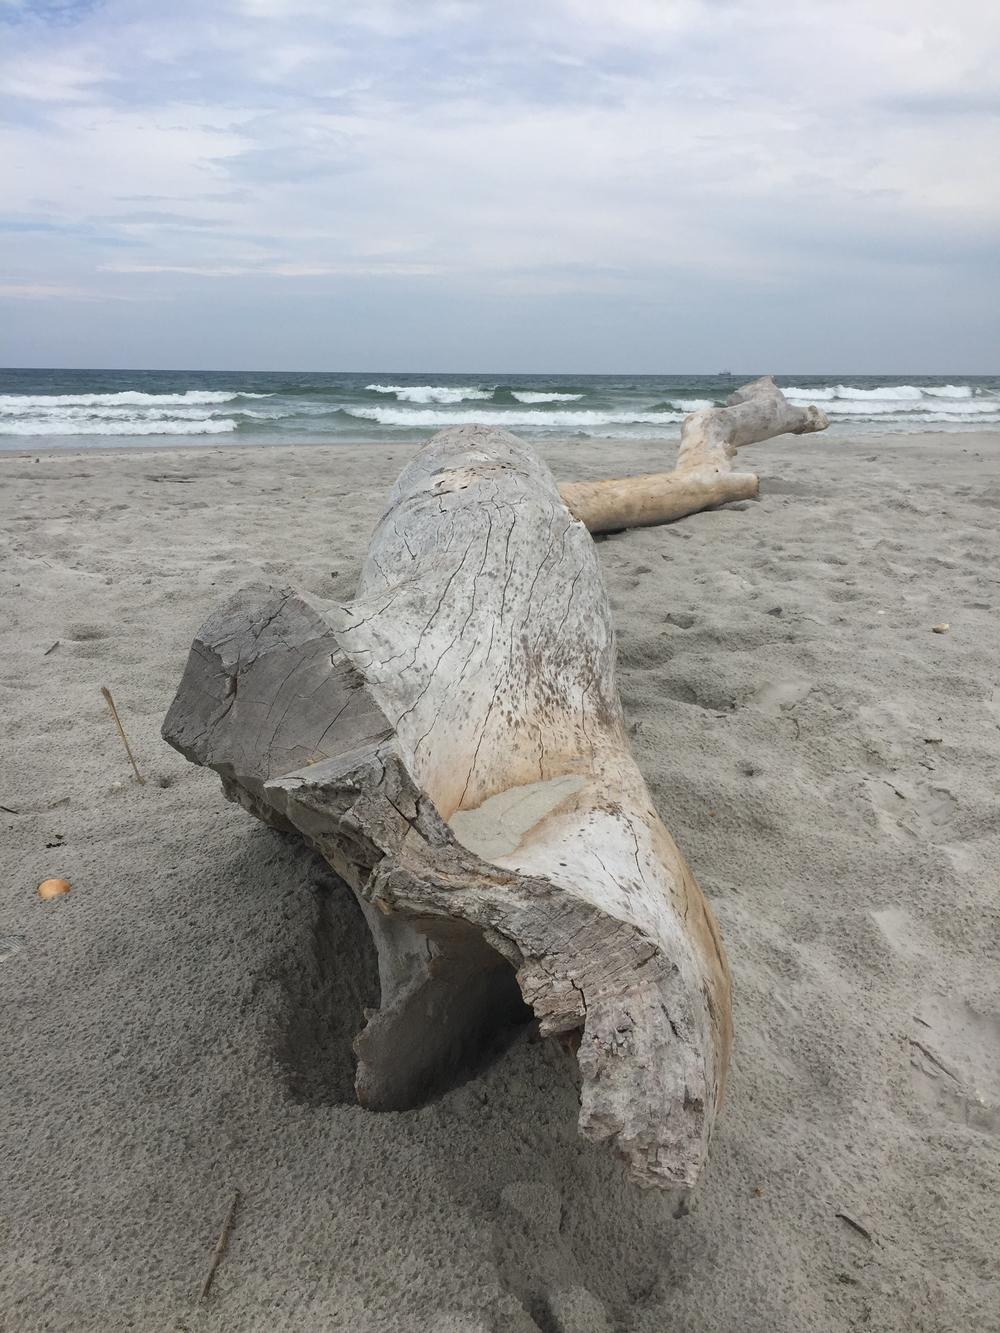 said driftwood